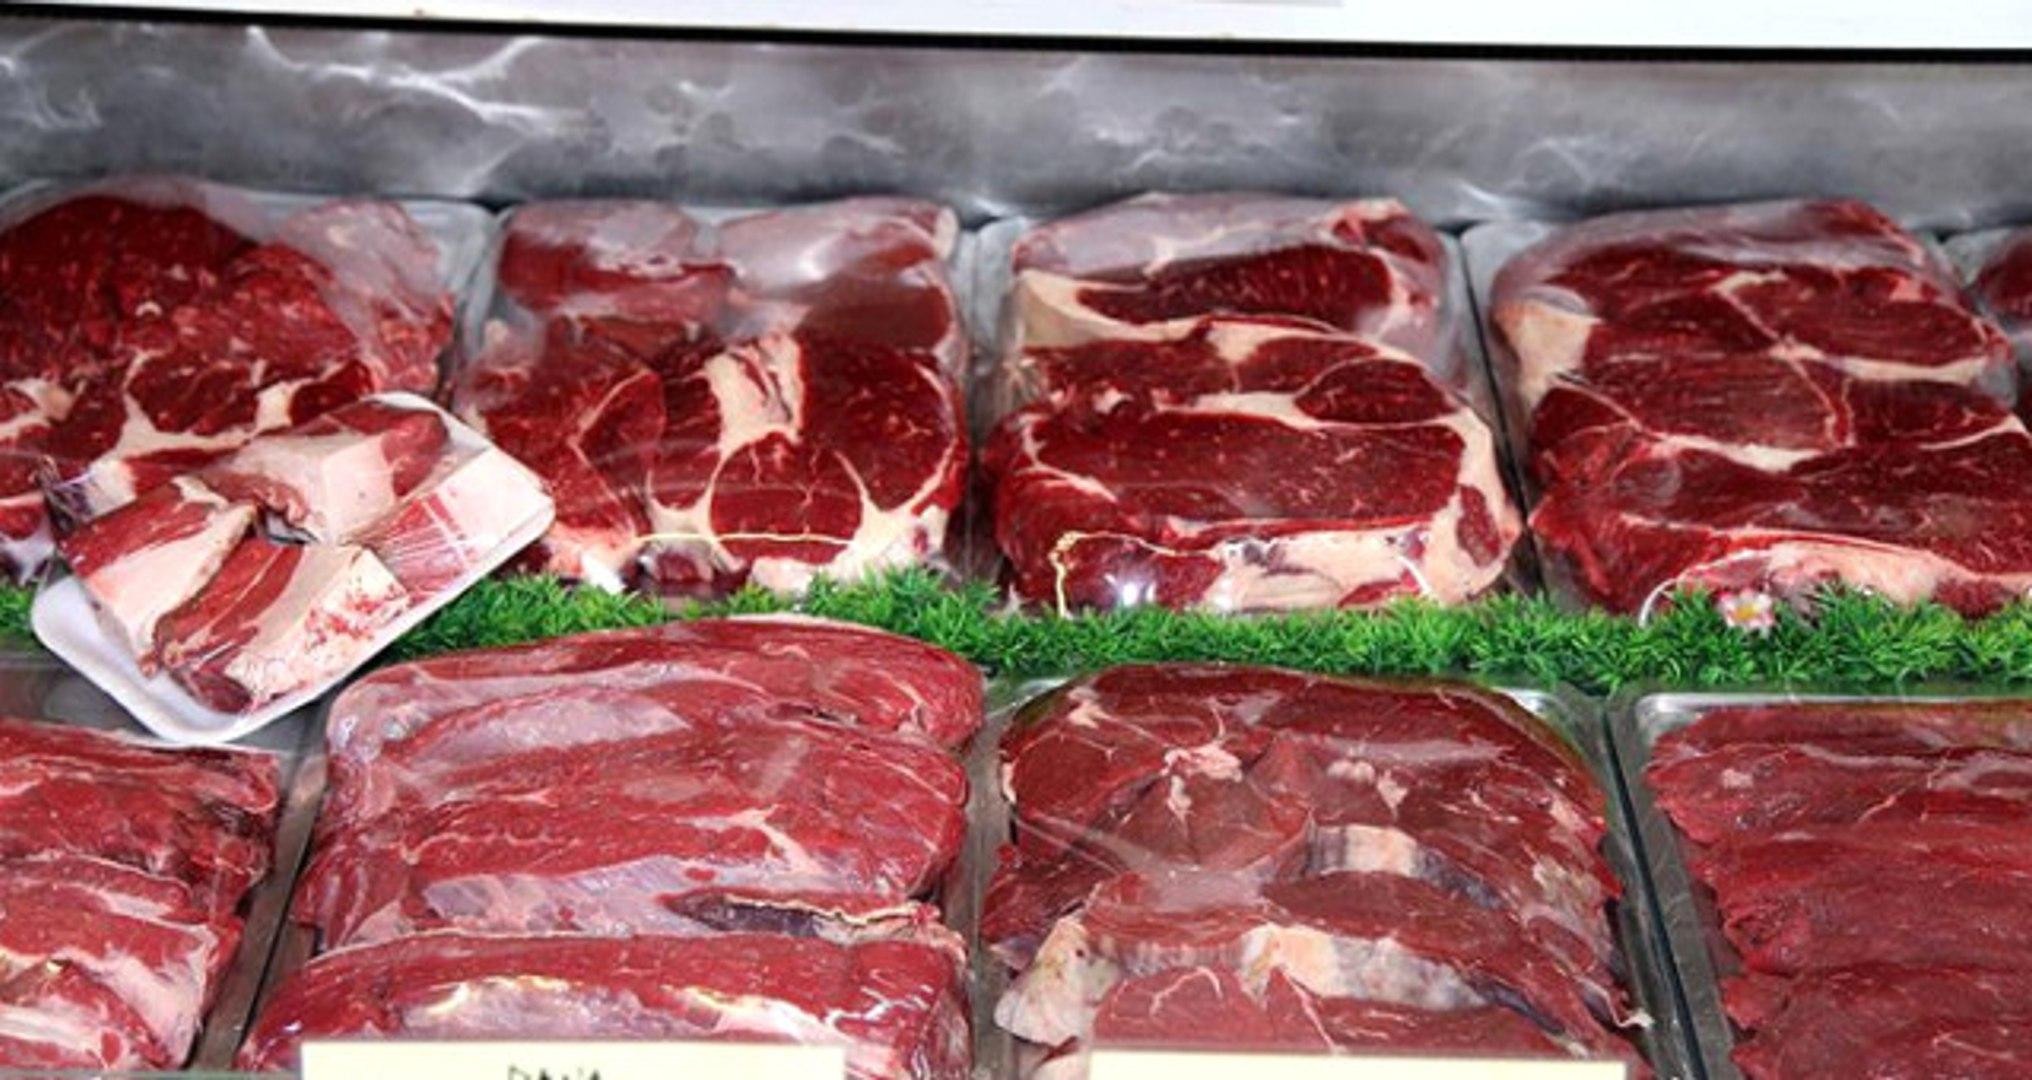 Bakan, Hastalıklı Et İthali İddialarına Son Noktayı Koydu: O Etleri Ben De Yiyorum